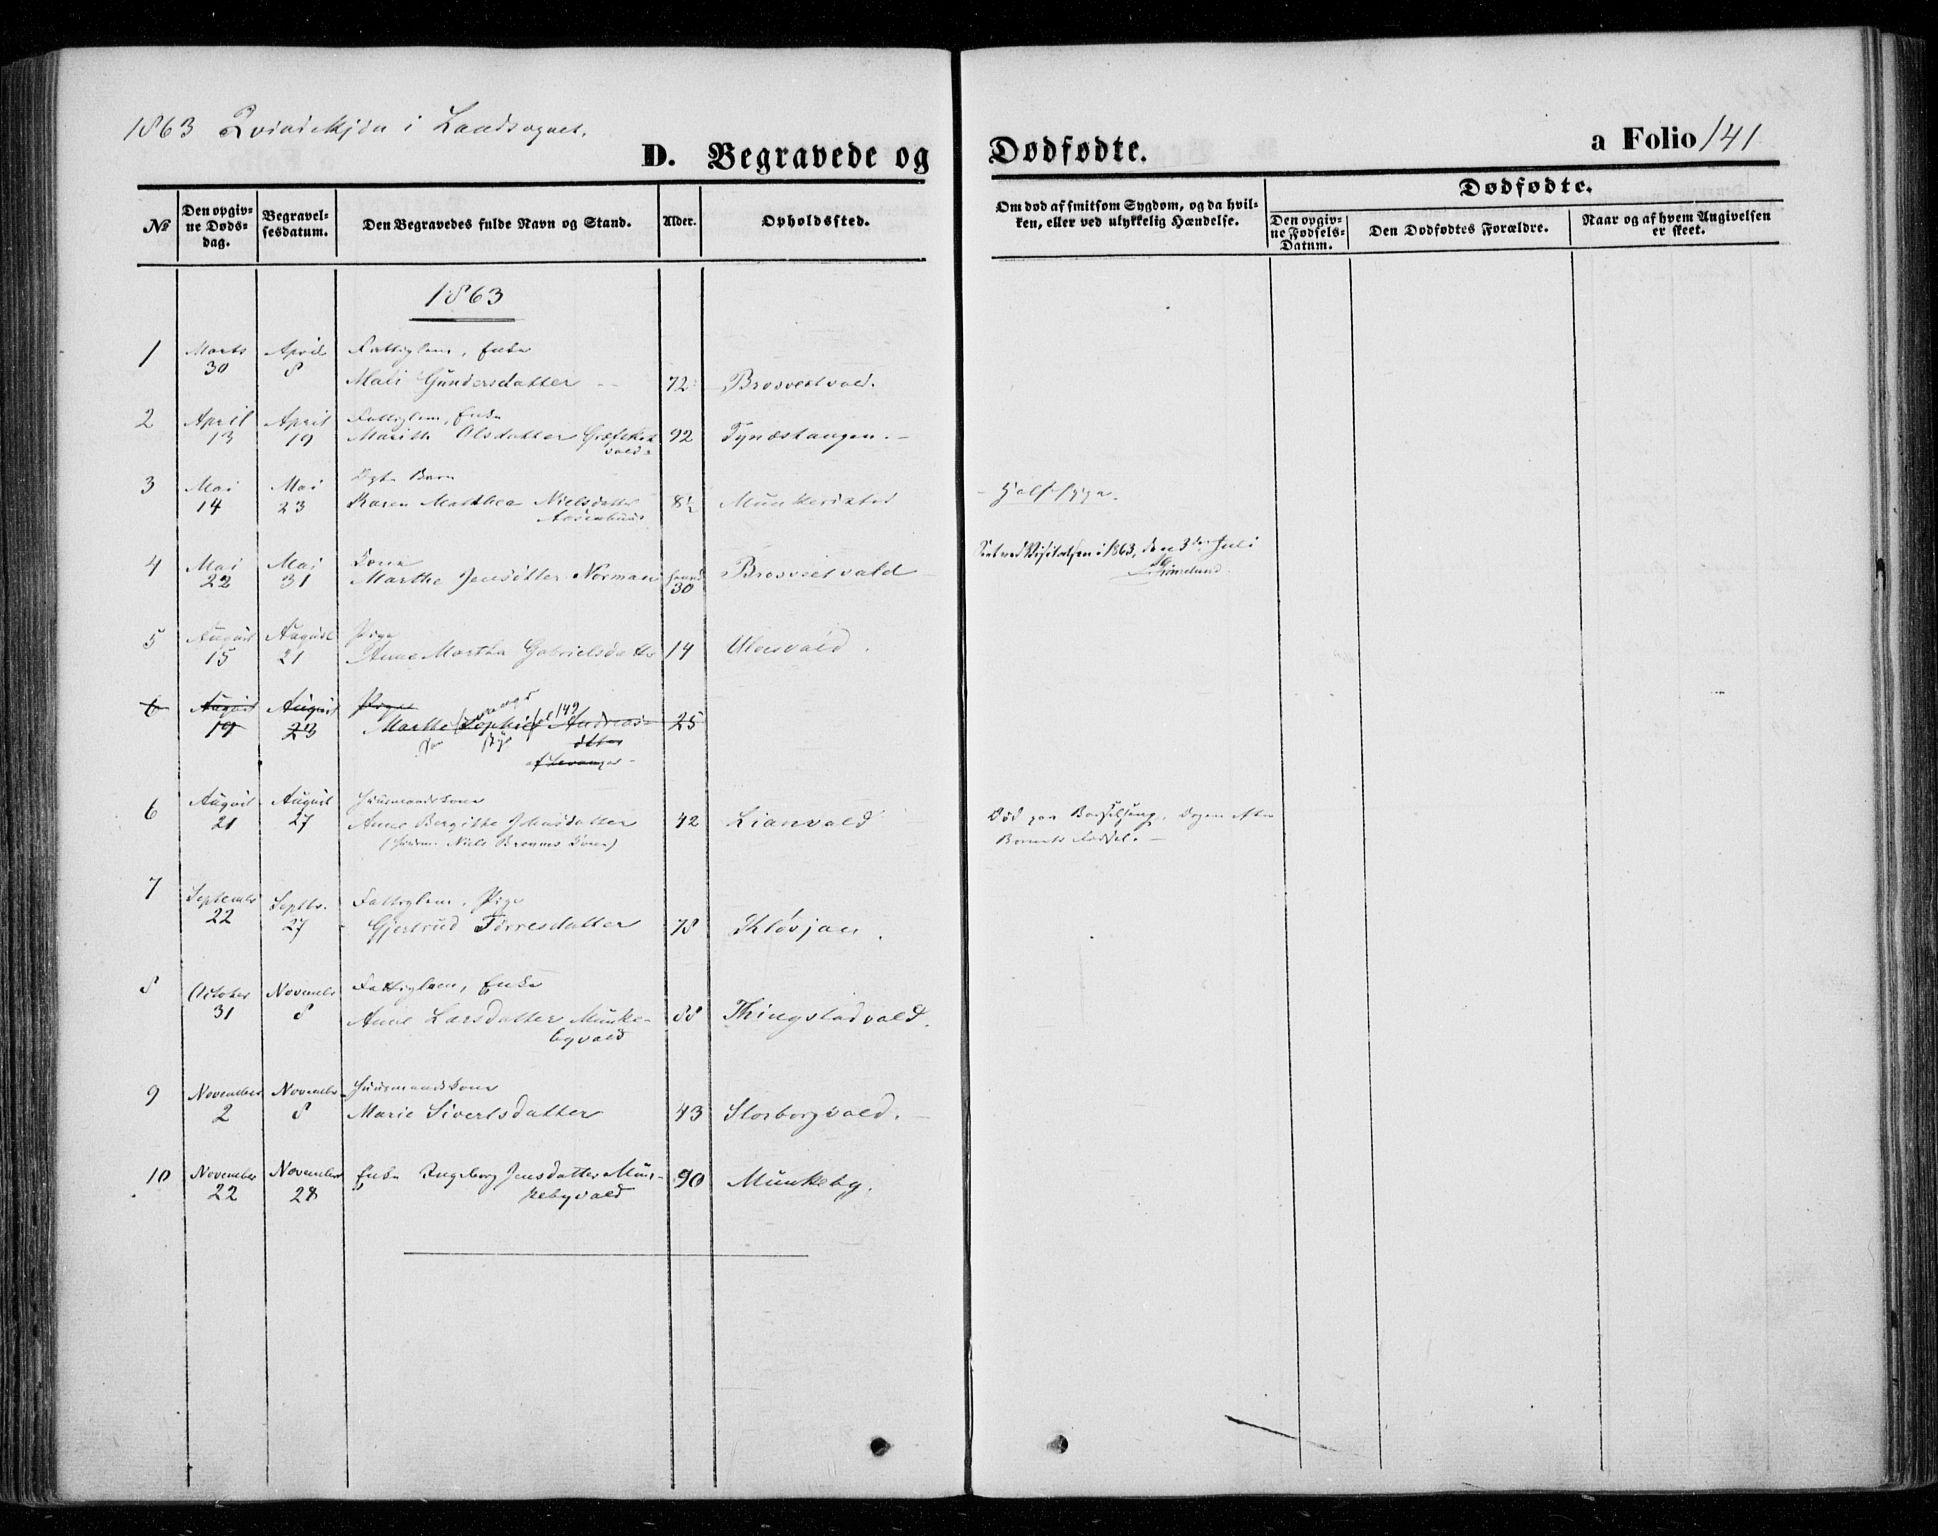 SAT, Ministerialprotokoller, klokkerbøker og fødselsregistre - Nord-Trøndelag, 720/L0184: Ministerialbok nr. 720A02 /2, 1855-1863, s. 141